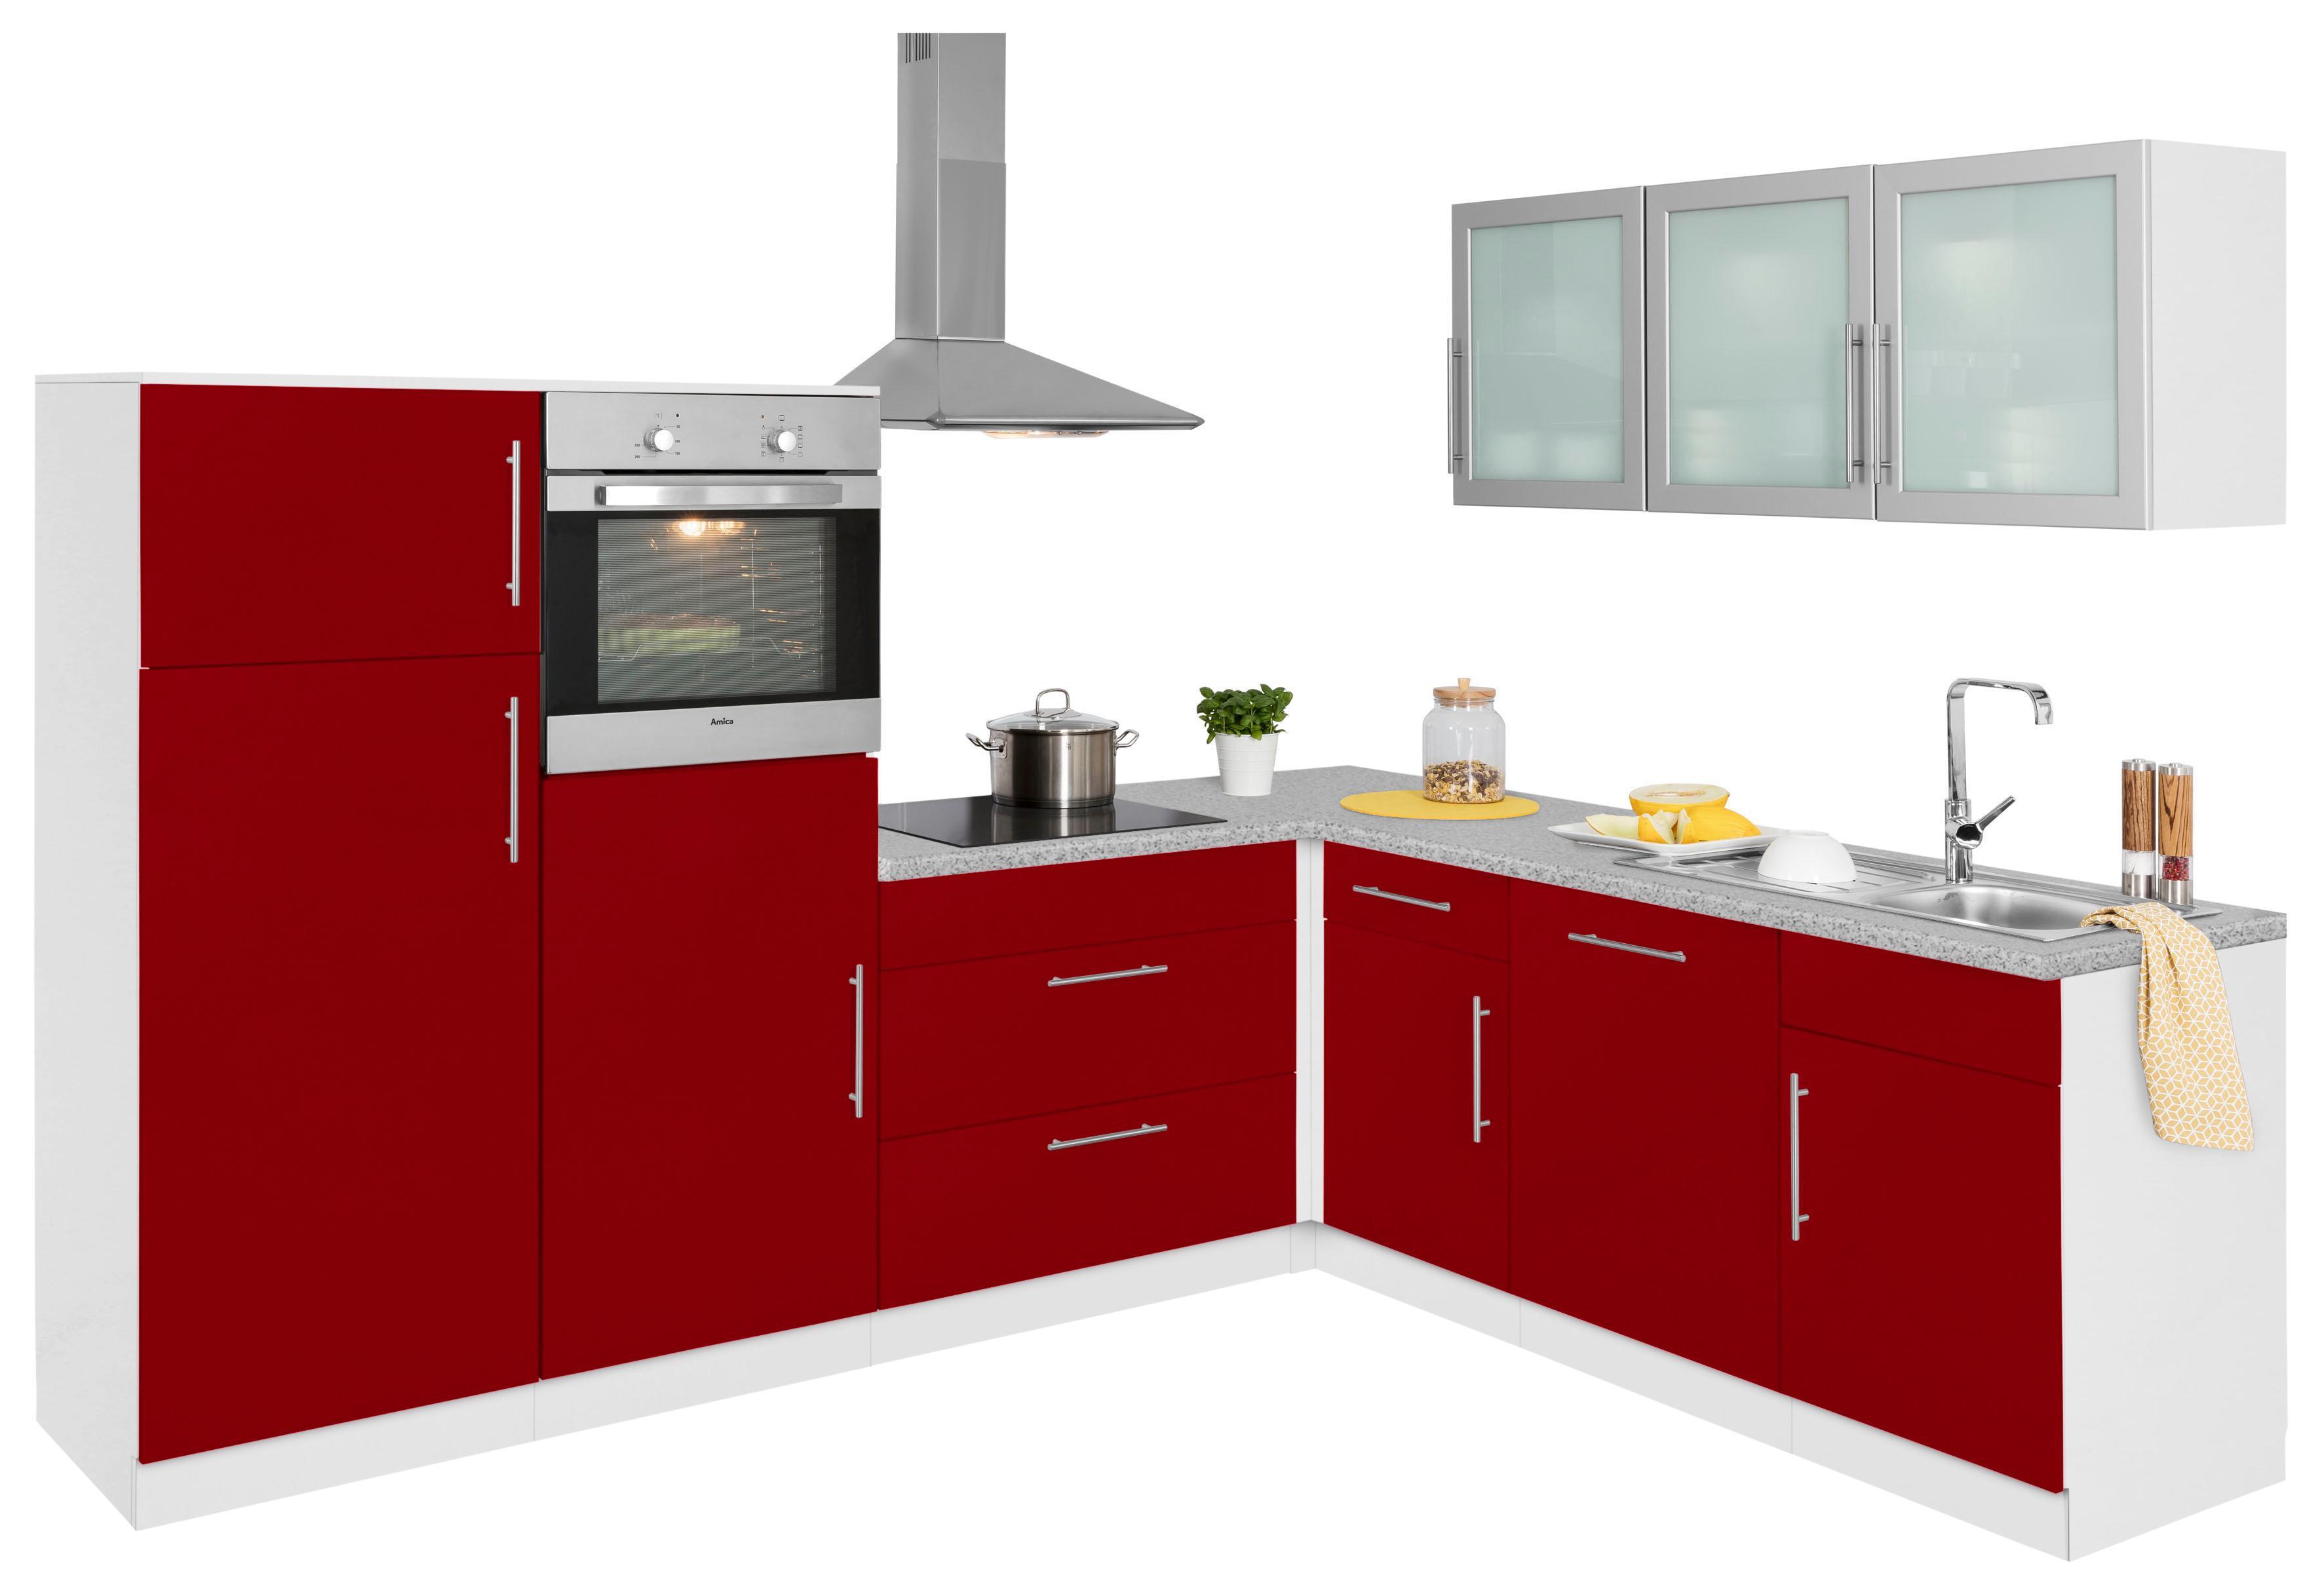 wiho Küchen Winkelküche Aachen mit E-Geräten Stellbreite 270 x 220 cm